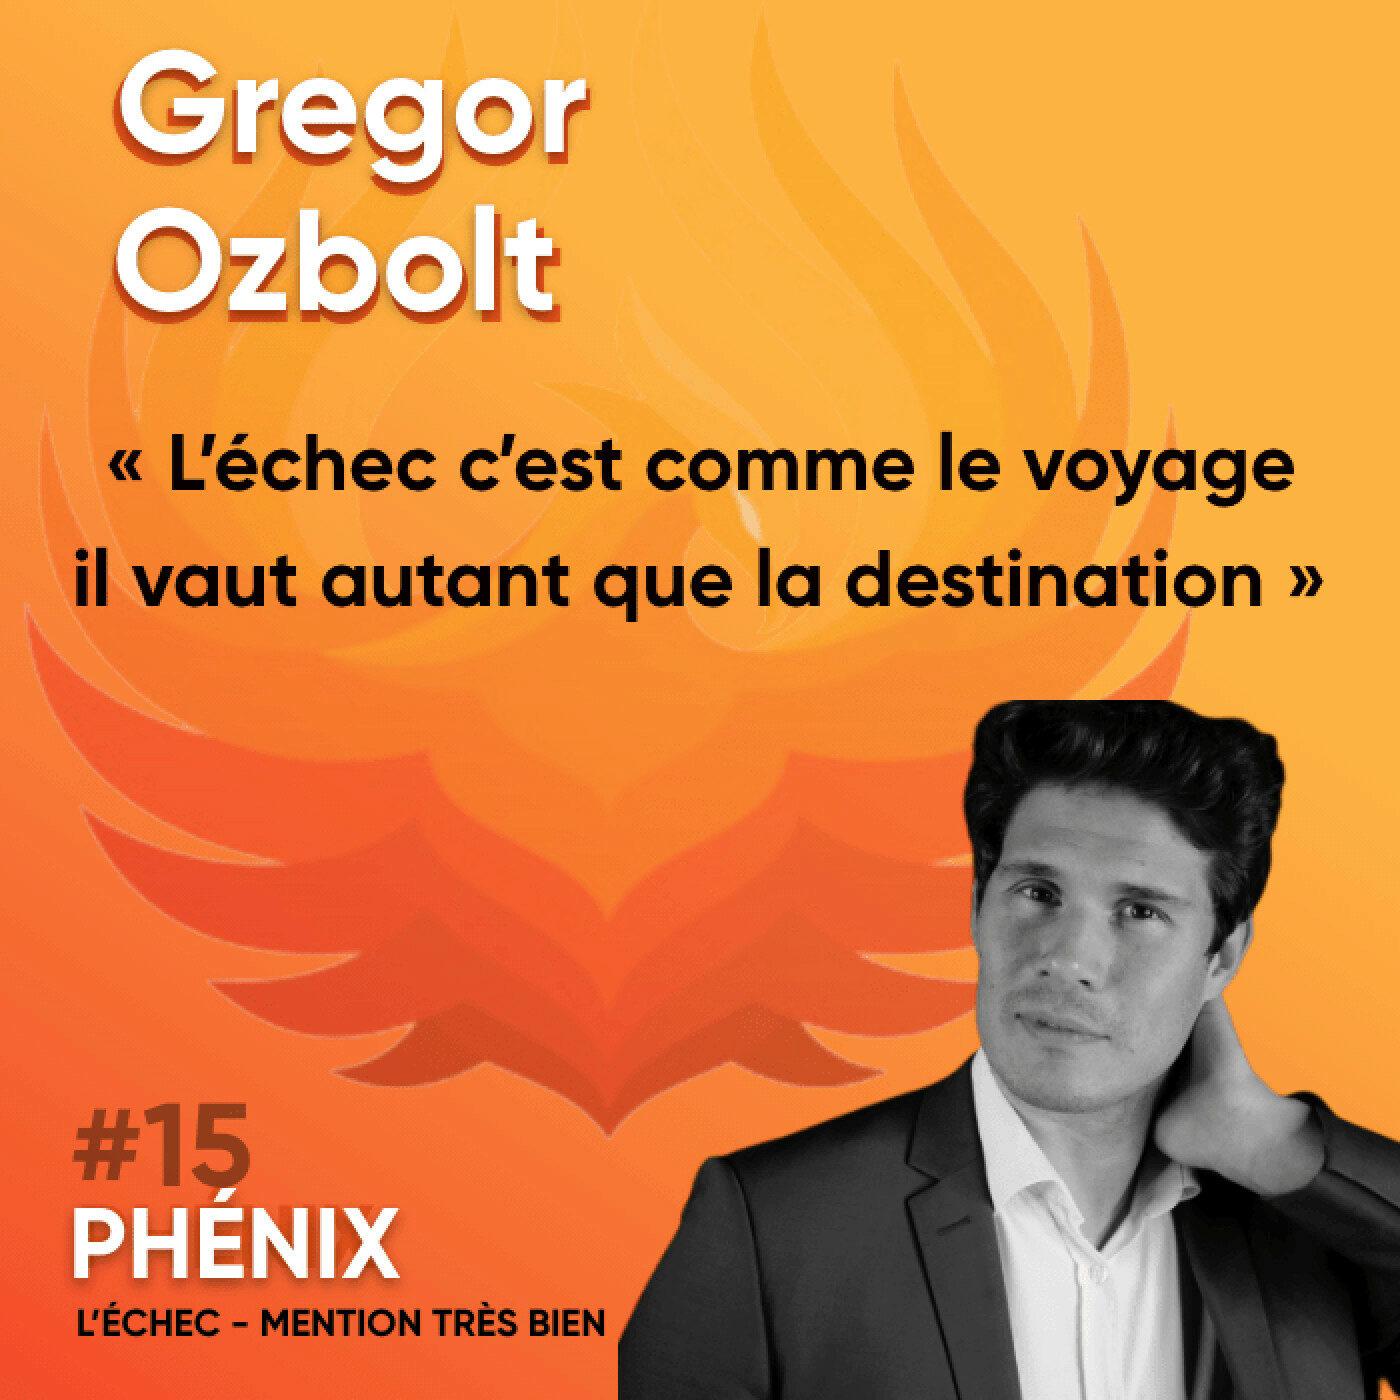 #15 🏊♂️ - Gregor Ozbolt : L'échec c'est comme le voyage, il vaut autant que la destination